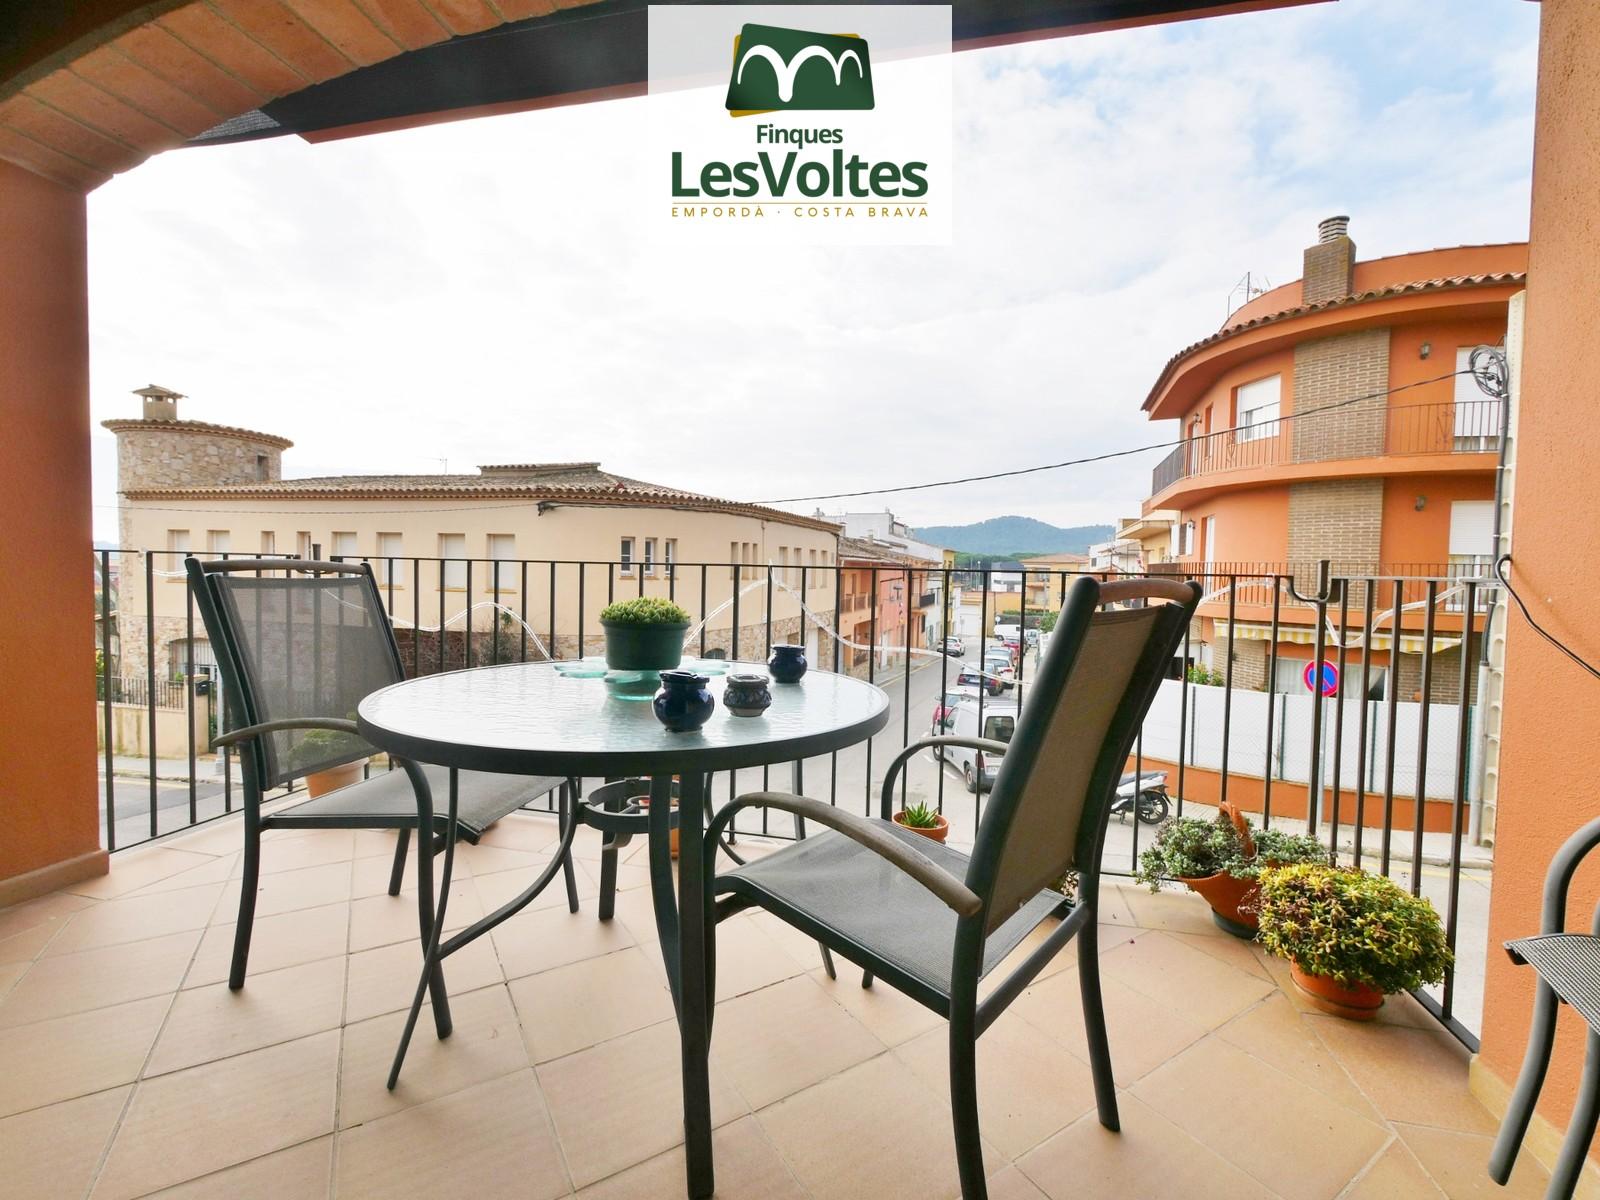 Casa amb garatge i terrassa en venda a Palafrugell. Zona residencial molt tranquil·la.